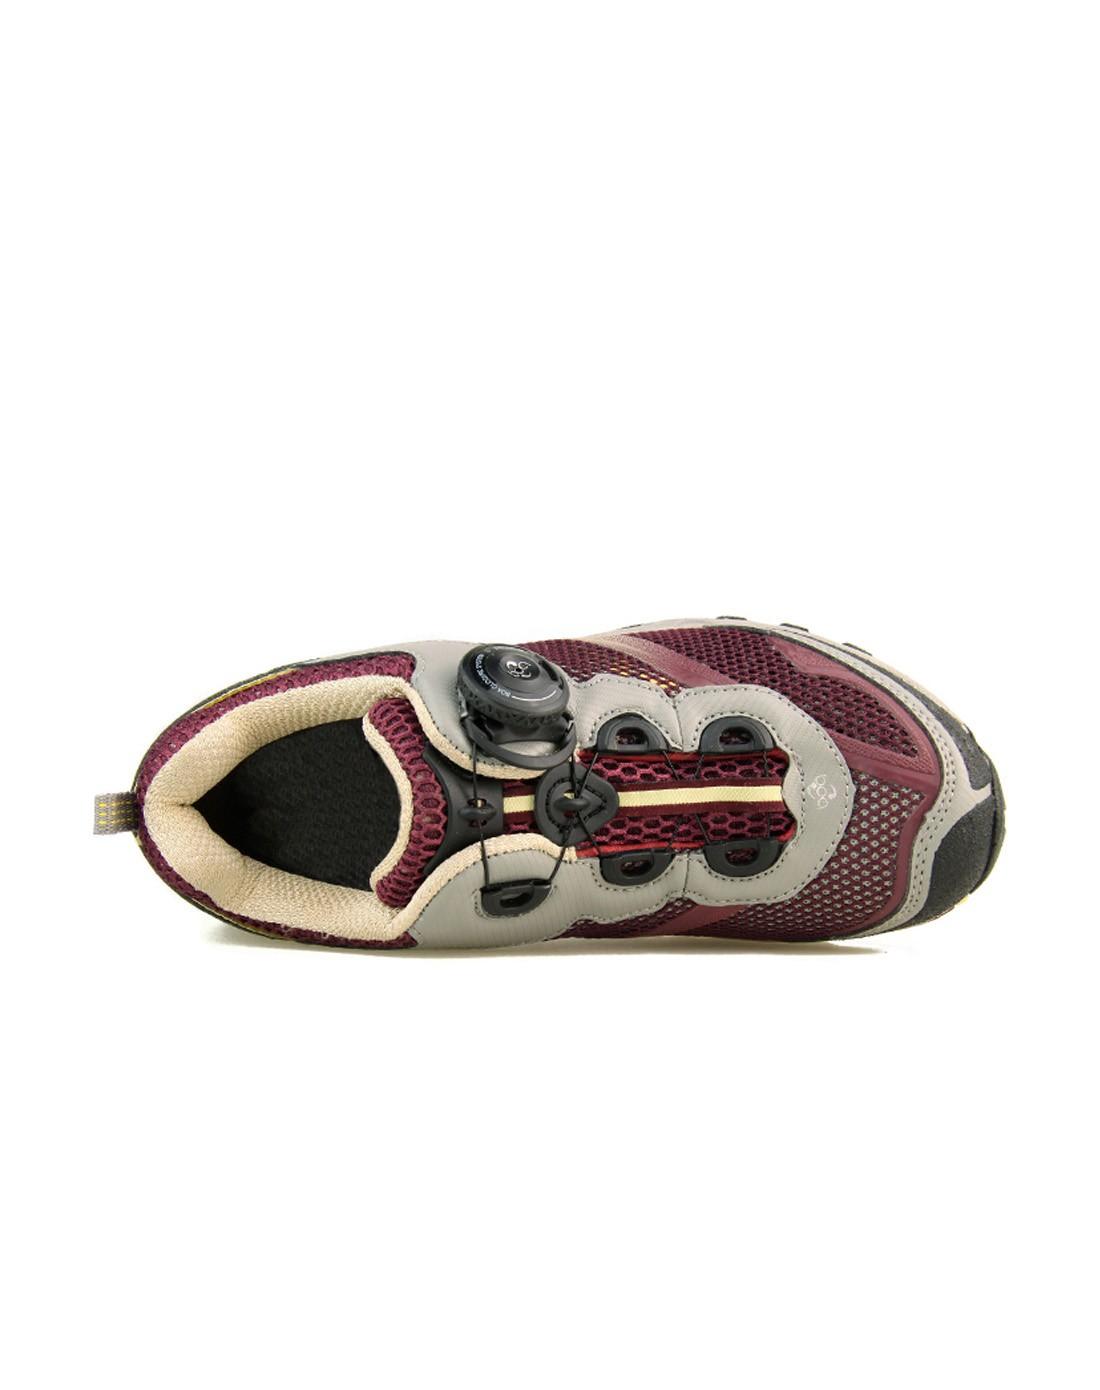 купить Естественная тропа, бегущая от дорожной обуви,Естественная тропа, бегущая от дорожной обуви цена,Естественная тропа, бегущая от дорожной обуви бренды,Естественная тропа, бегущая от дорожной обуви производитель;Естественная тропа, бегущая от дорожной обуви Цитаты;Естественная тропа, бегущая от дорожной обуви компания